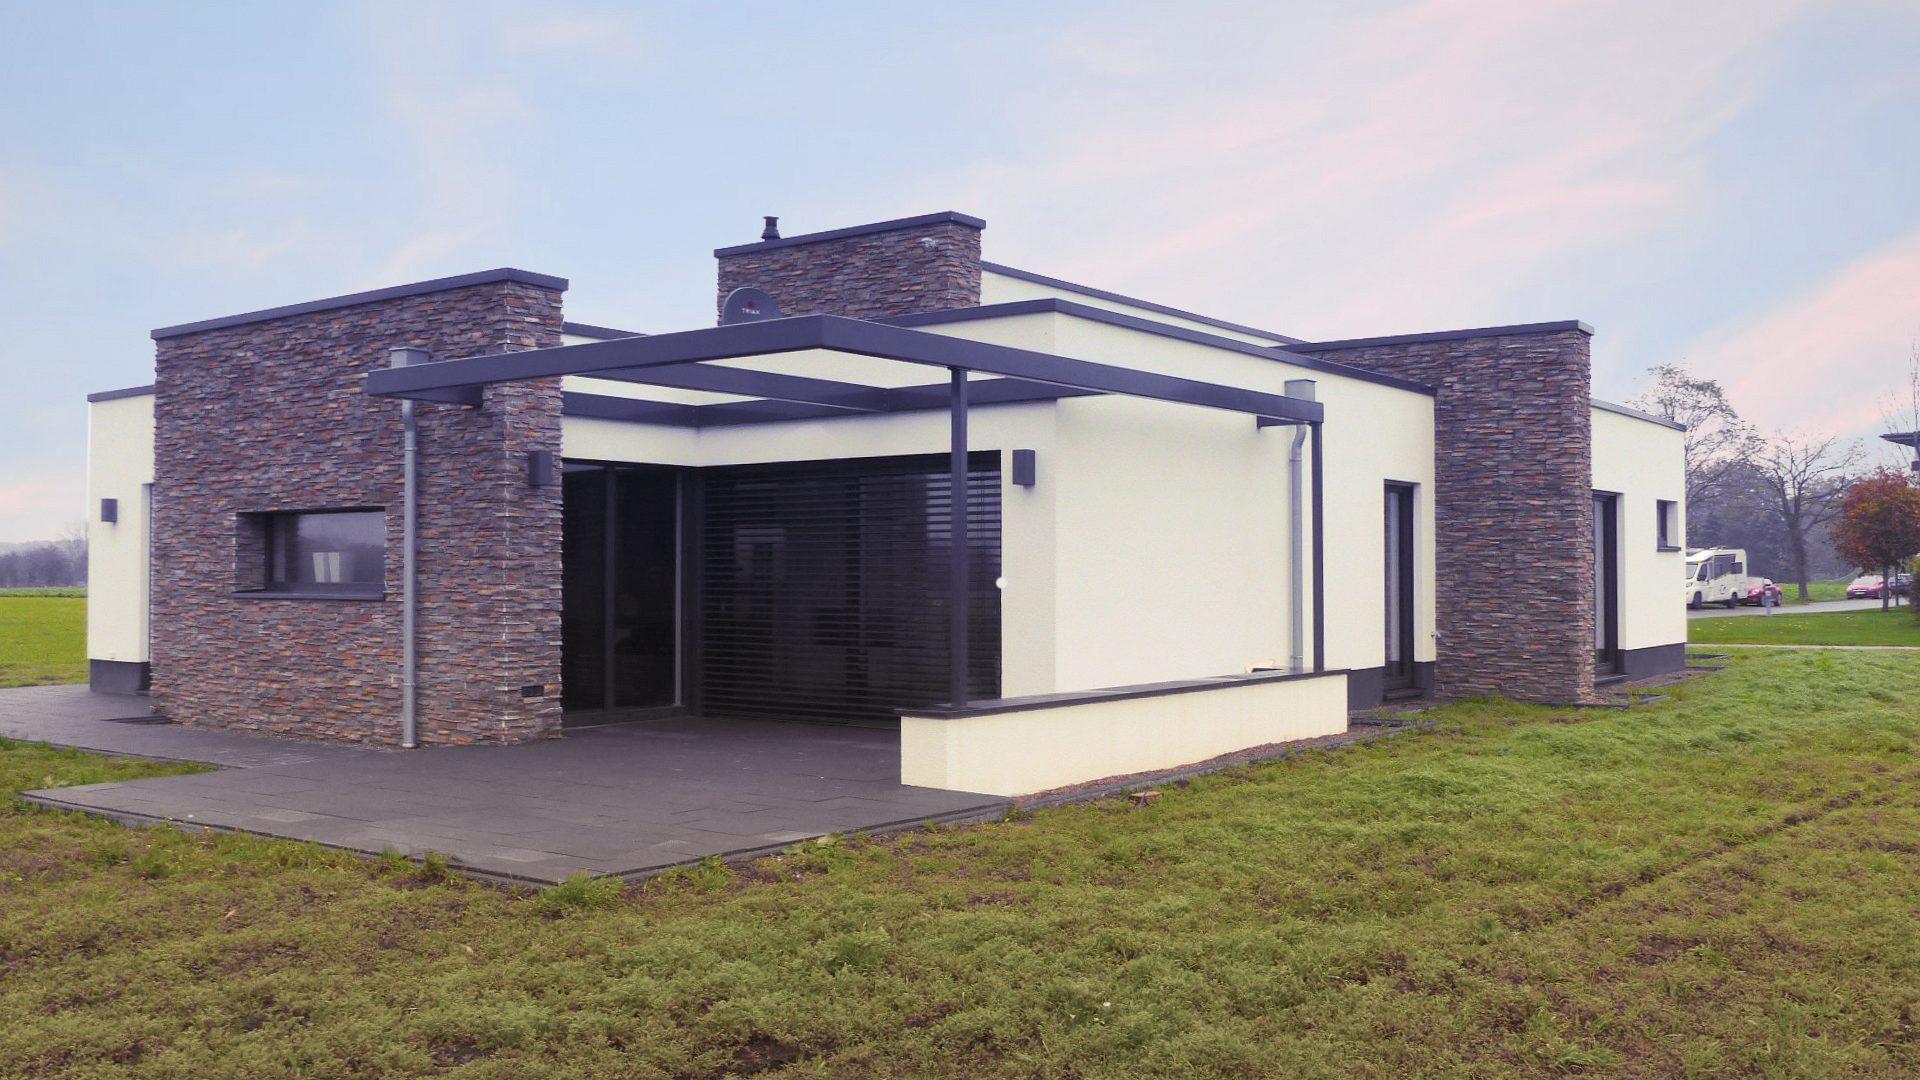 architektenhaus bauen mit kalobau in osnabr ck oldenburg cloppenburg. Black Bedroom Furniture Sets. Home Design Ideas